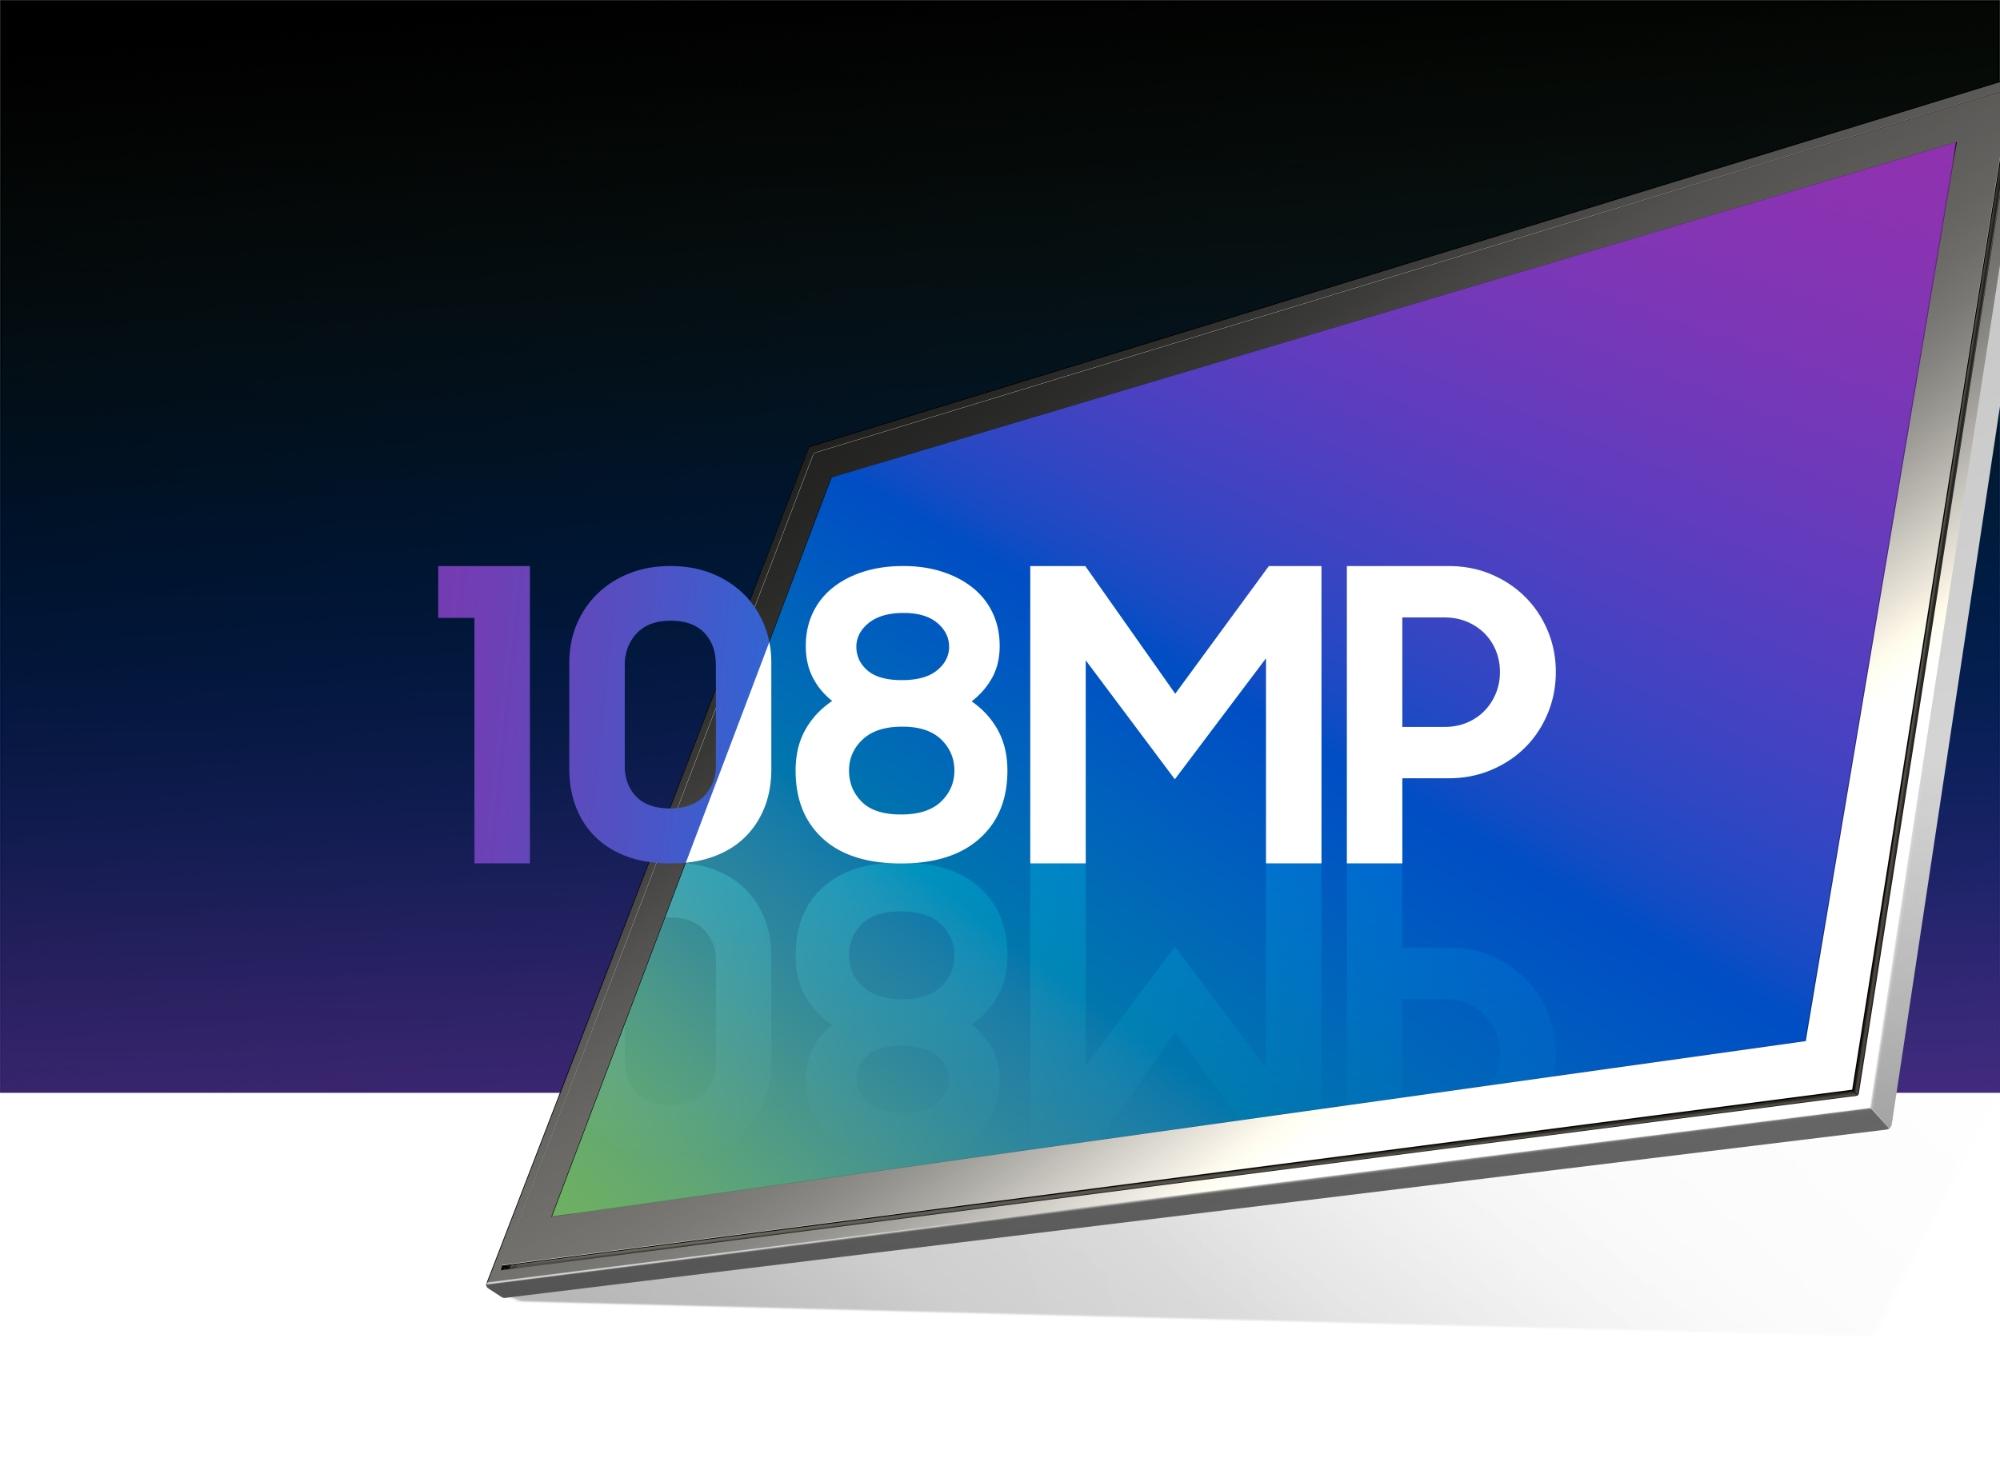 Samsung ISOCELL HM3: новый 108-мегапиксельный сенсор с улучшенной фокусировкой и динамическим диапазоном